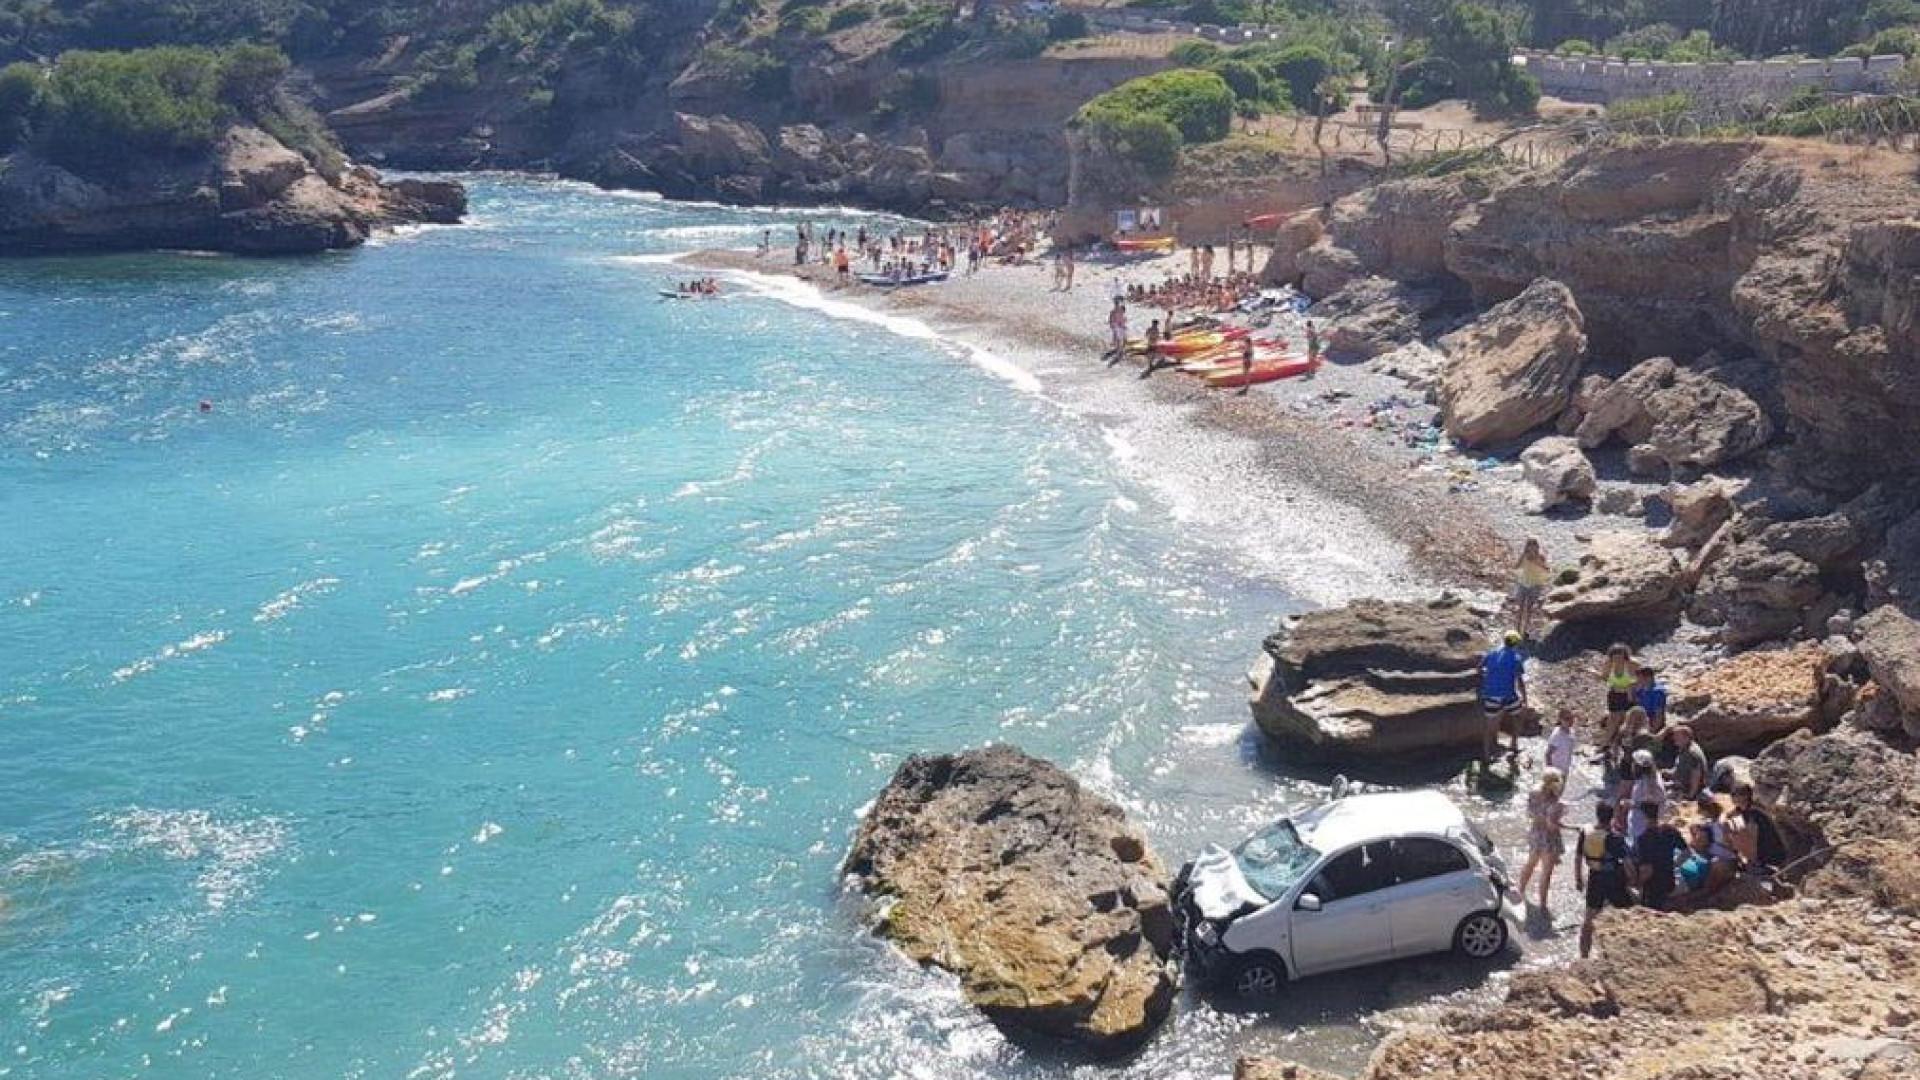 Casal de turistas engana-se nas mudanças e cai de falésia em Maiorca